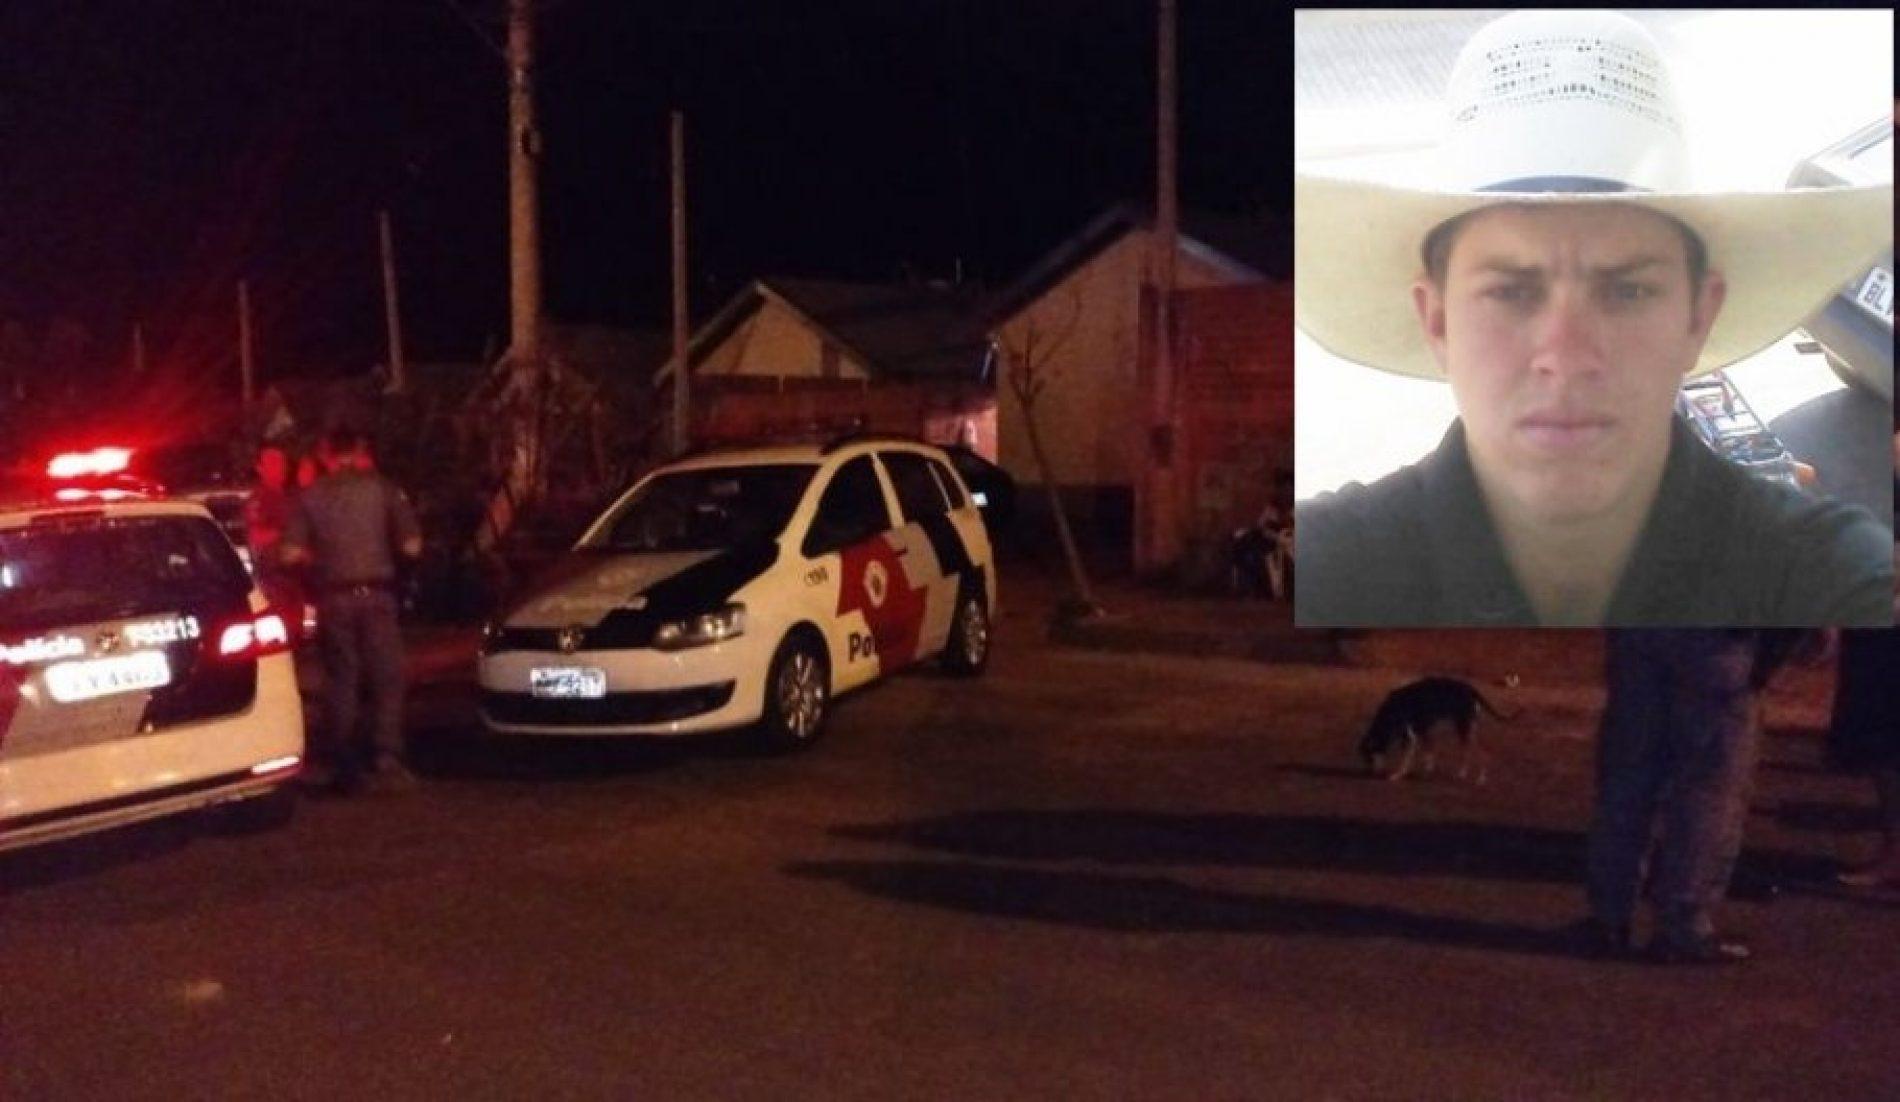 OLÍMPIA: Jovem de 17 anos é (executado) a tiros na porta de casa